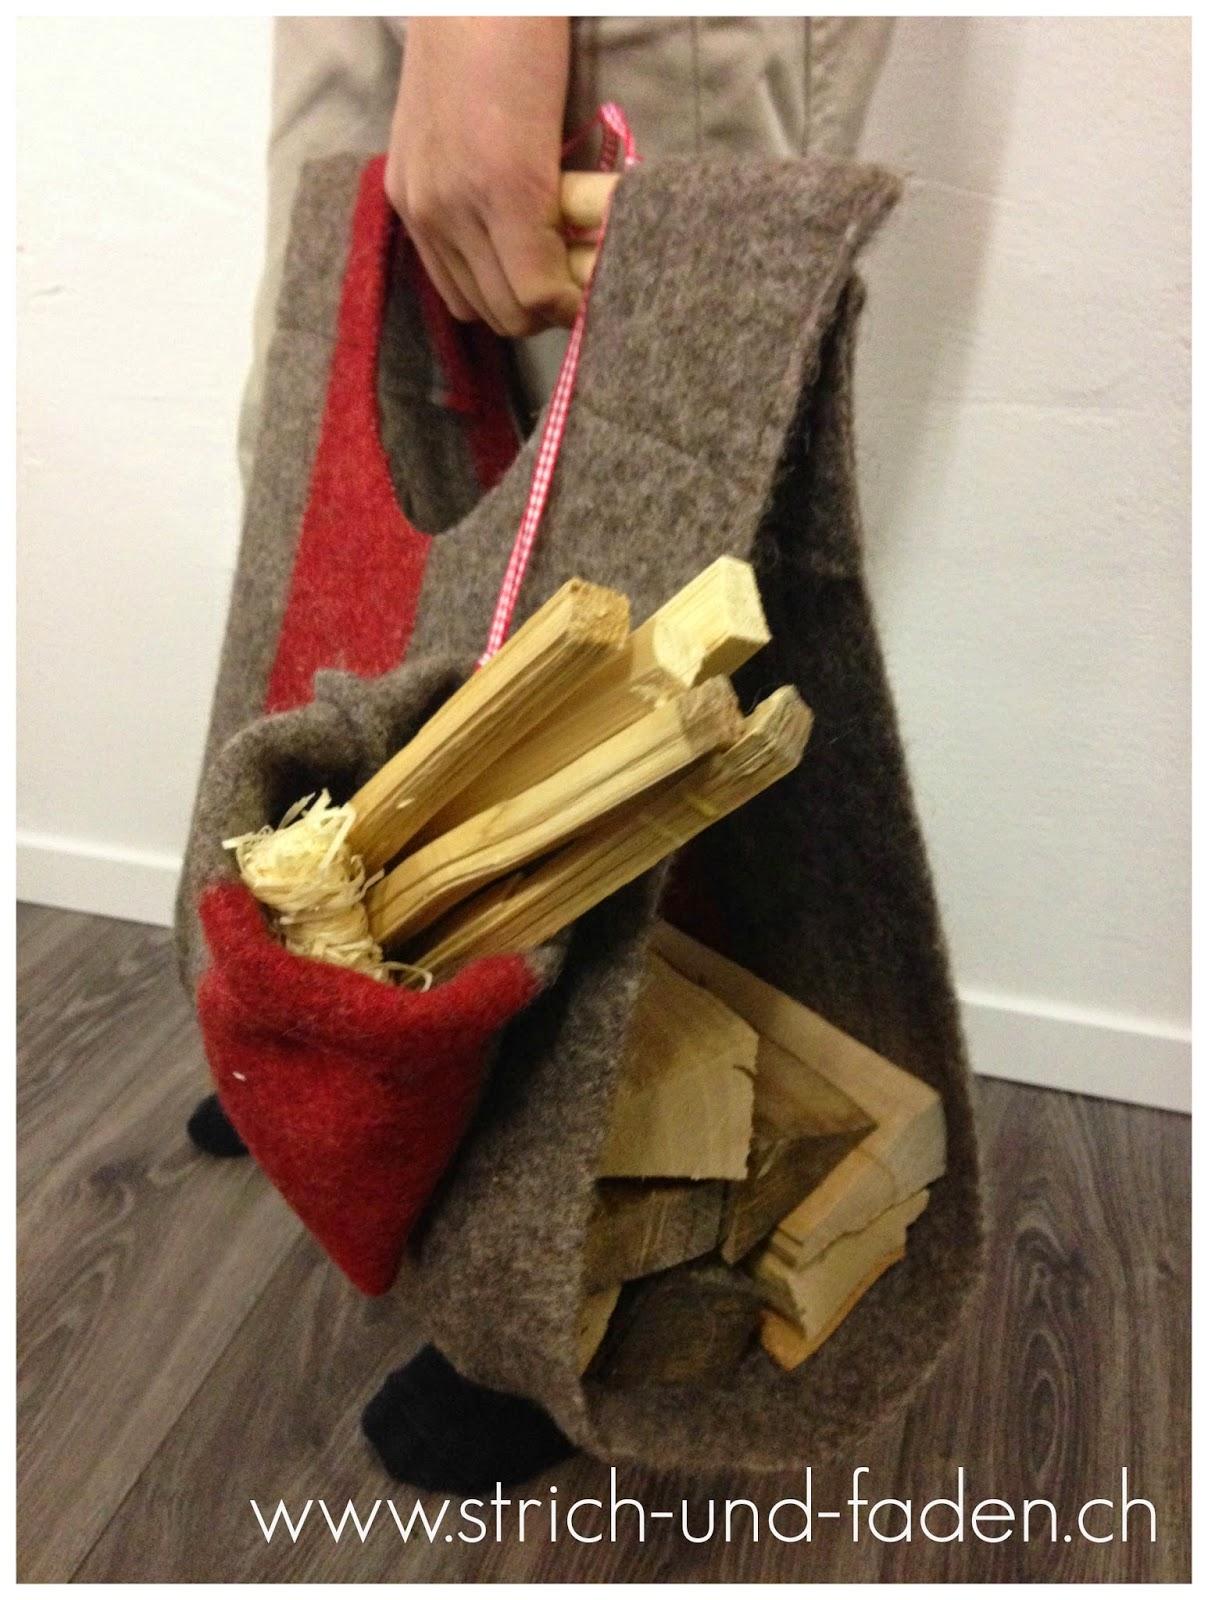 mit Strich und Faden | Kaminholztasche aus Militärdecke